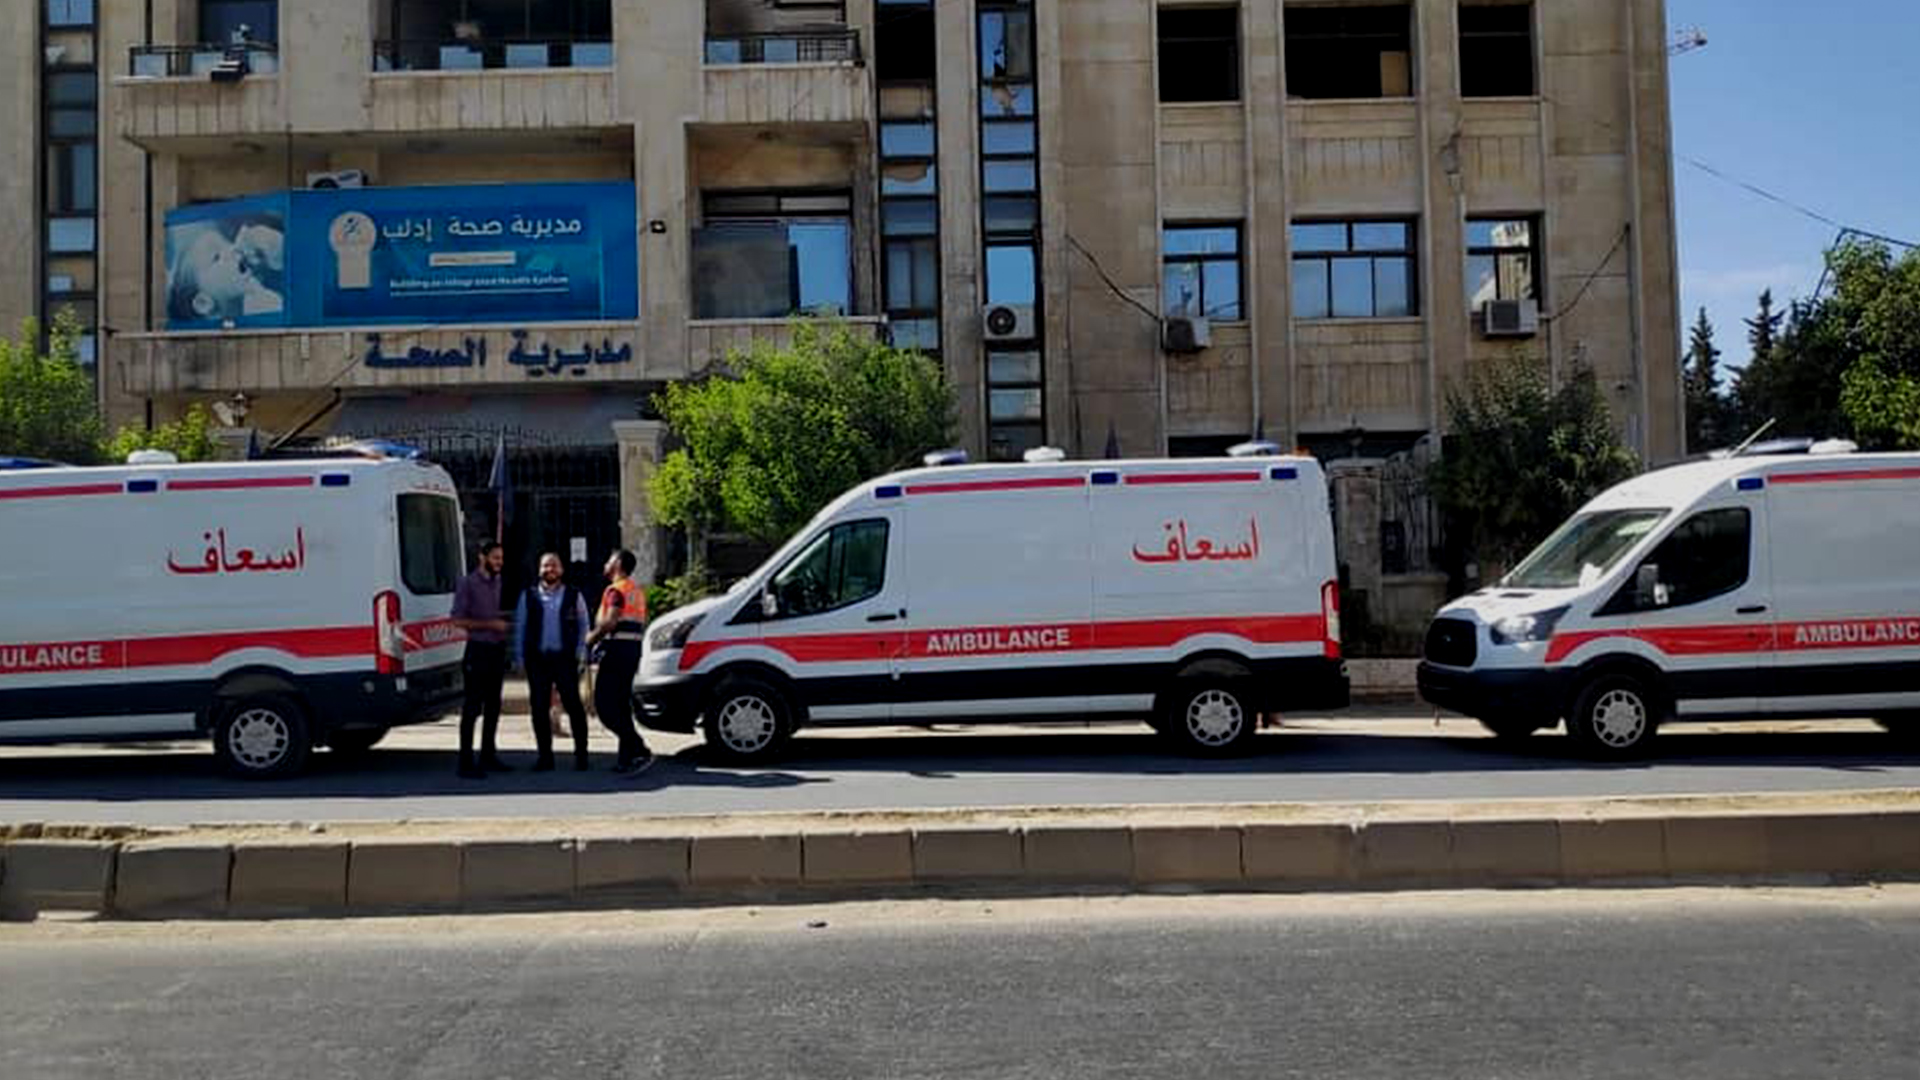 """""""حكومة الإنقاذ"""" توضح آخر تطورات جائحة كورونا بعد ارتفاع عدد الإصابات في إدلب"""